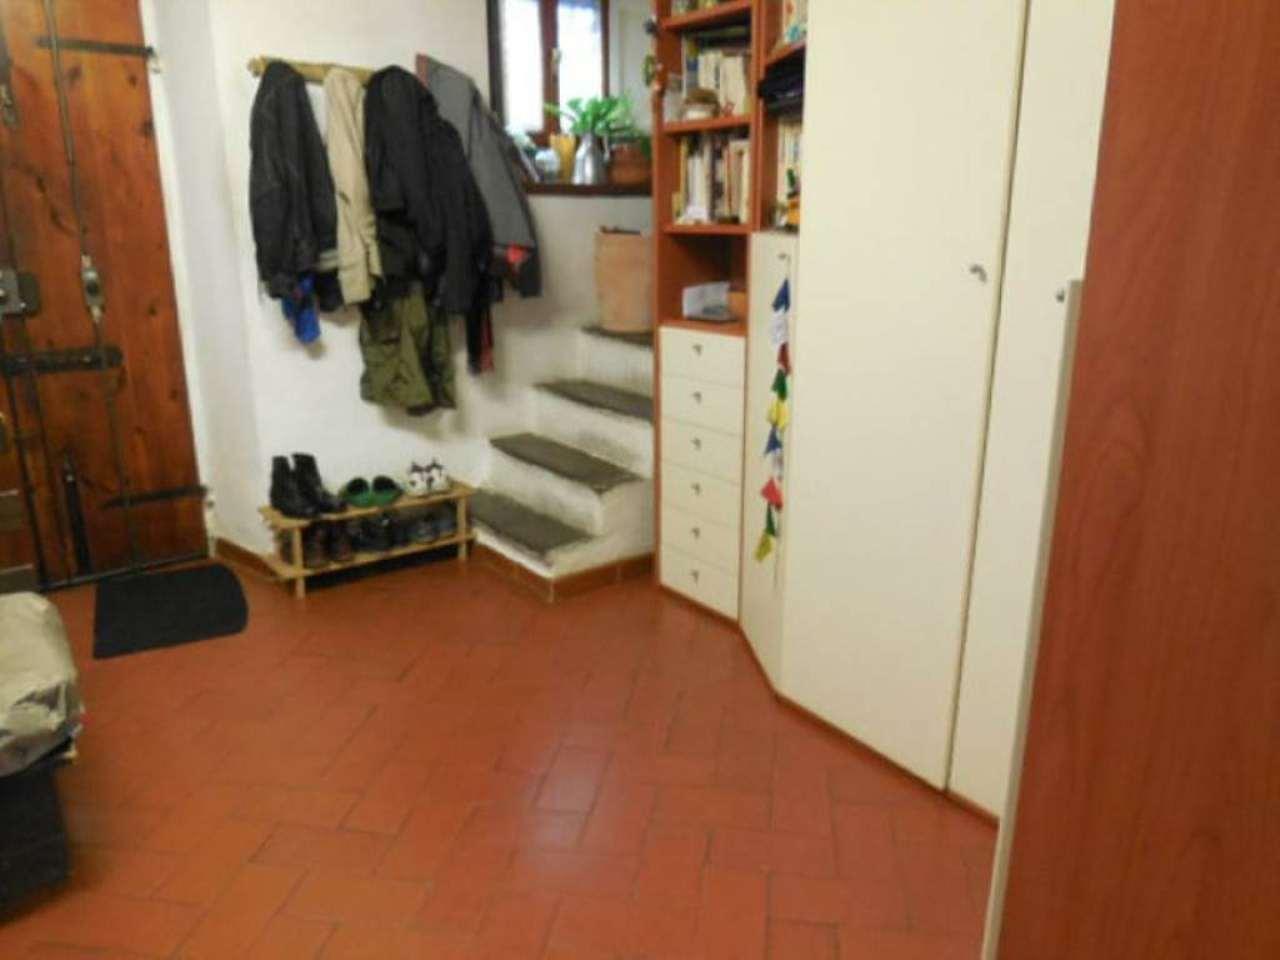 Palazzo / Stabile in vendita a Prato, 5 locali, prezzo € 230.000   Cambio Casa.it